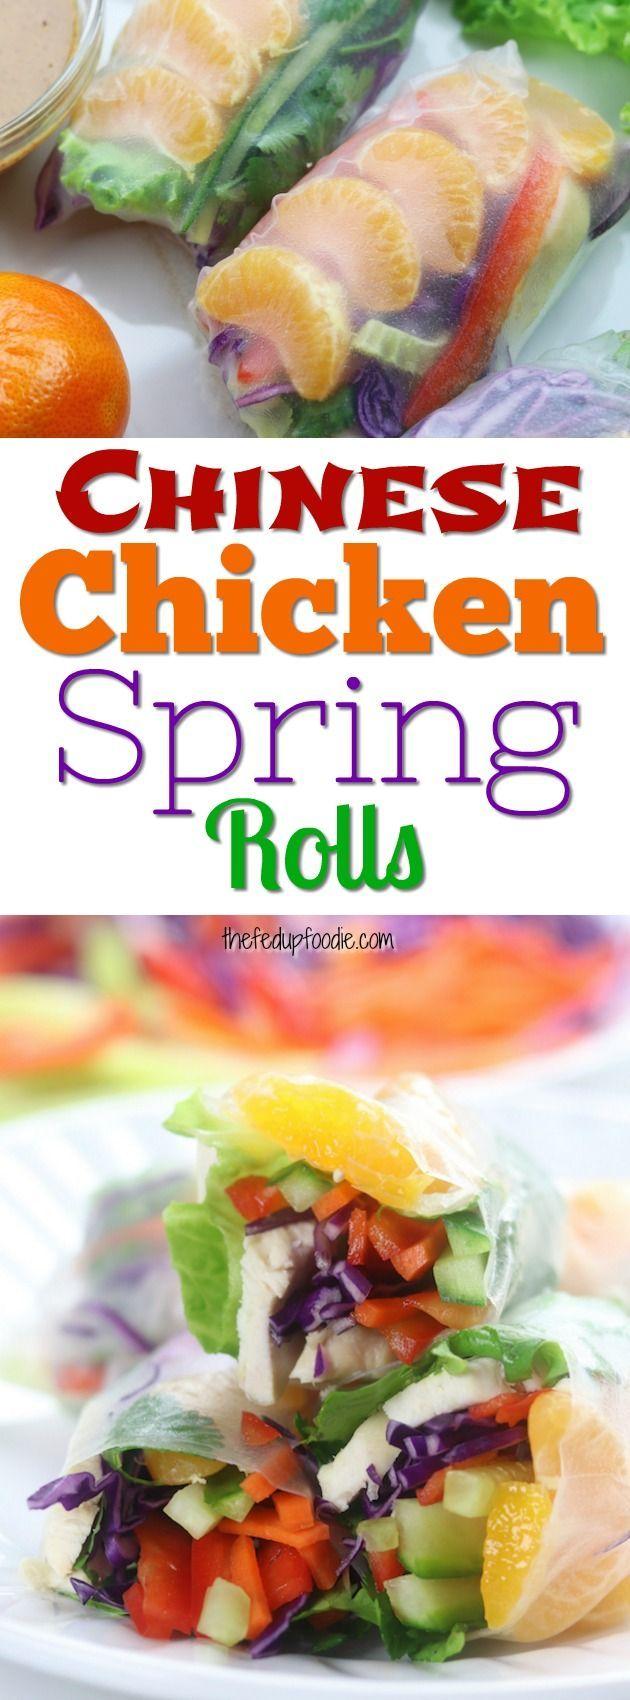 25+ bästa Chicken spring rolls idéerna på Pinterest ...